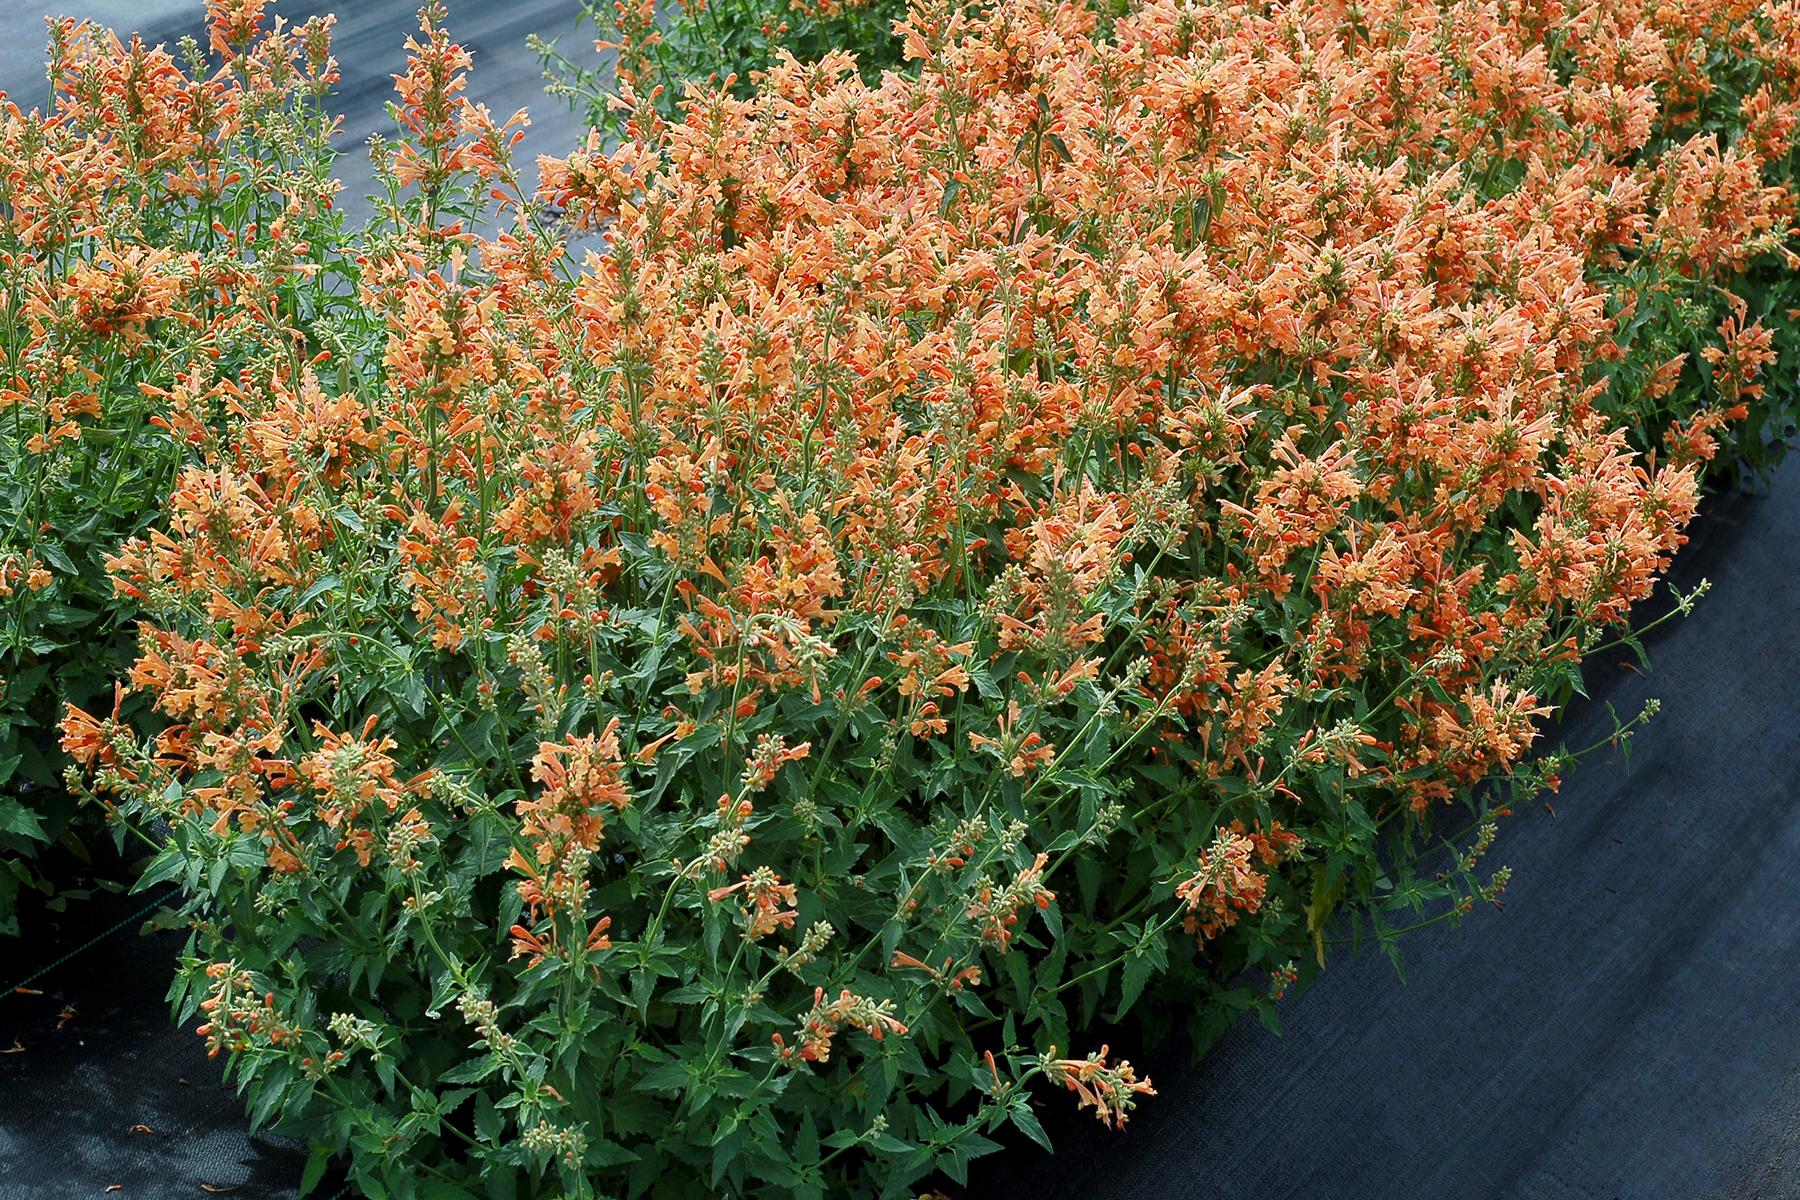 Agastache-Poquito-Orange-2.jpg